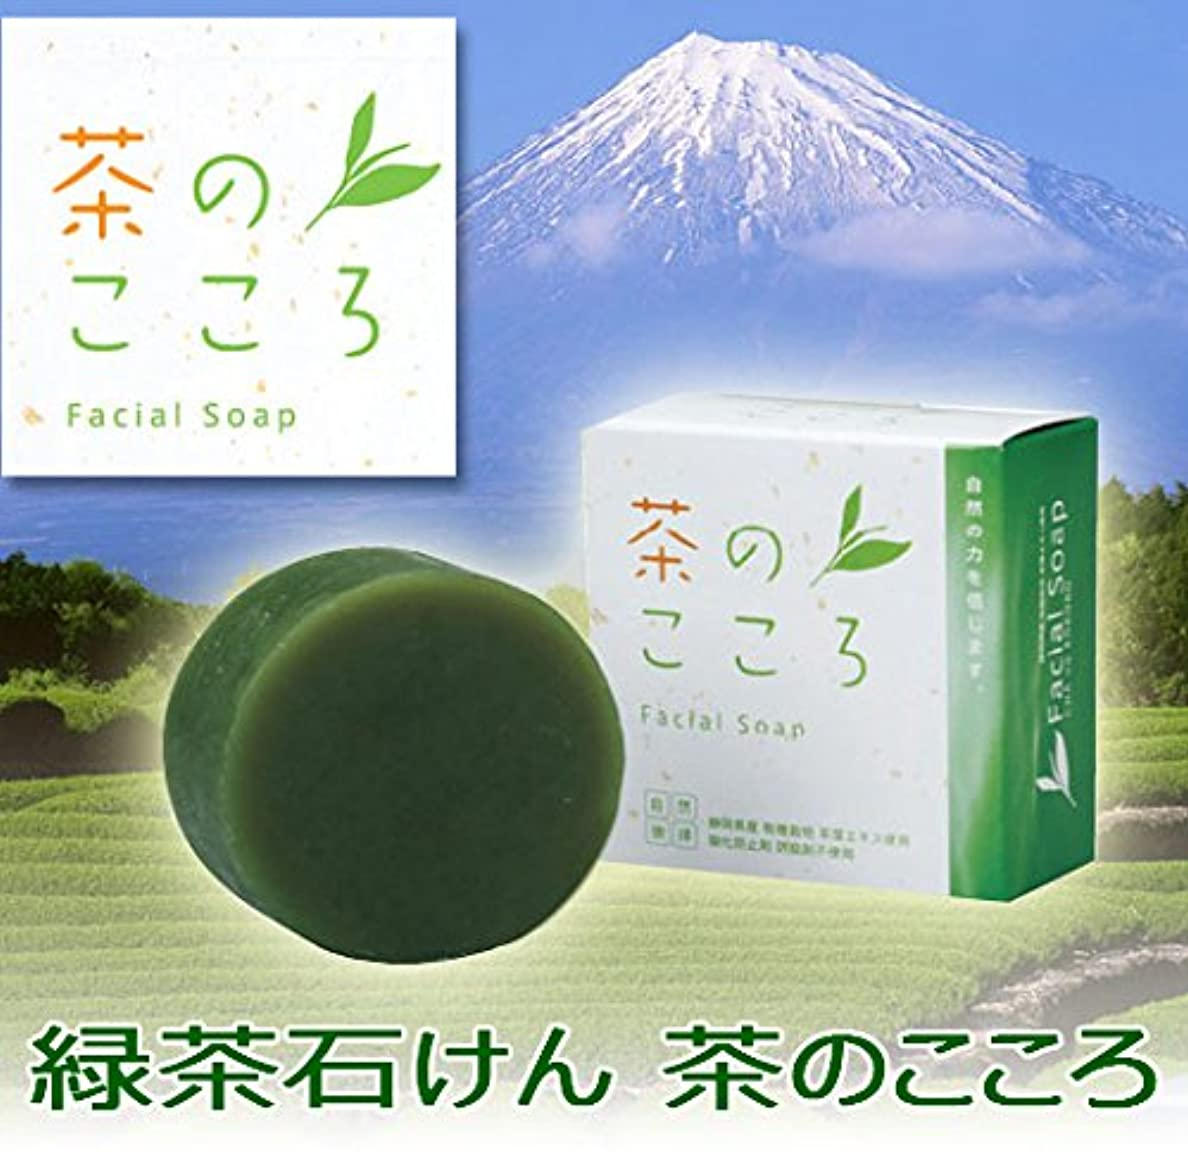 巨大カストディアン活力緑茶石けん『茶のこころ』